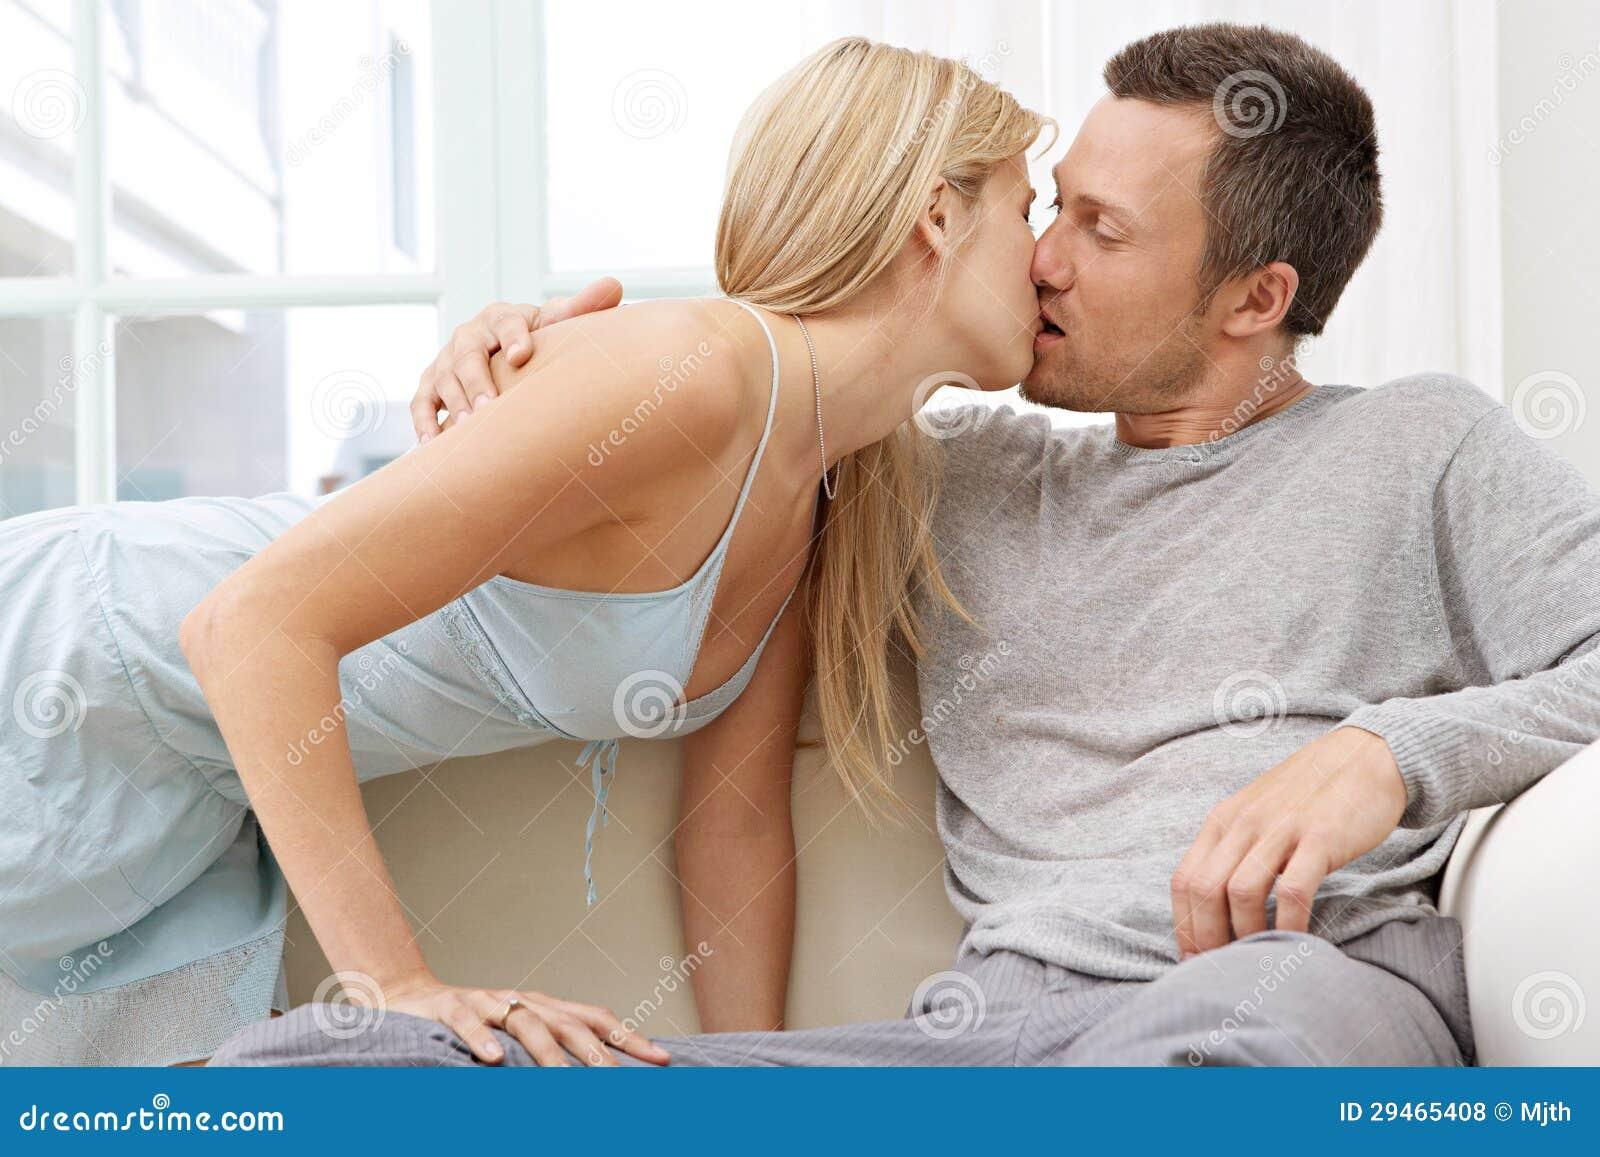 Indisches Paar Fickt Auf Dem Sofa